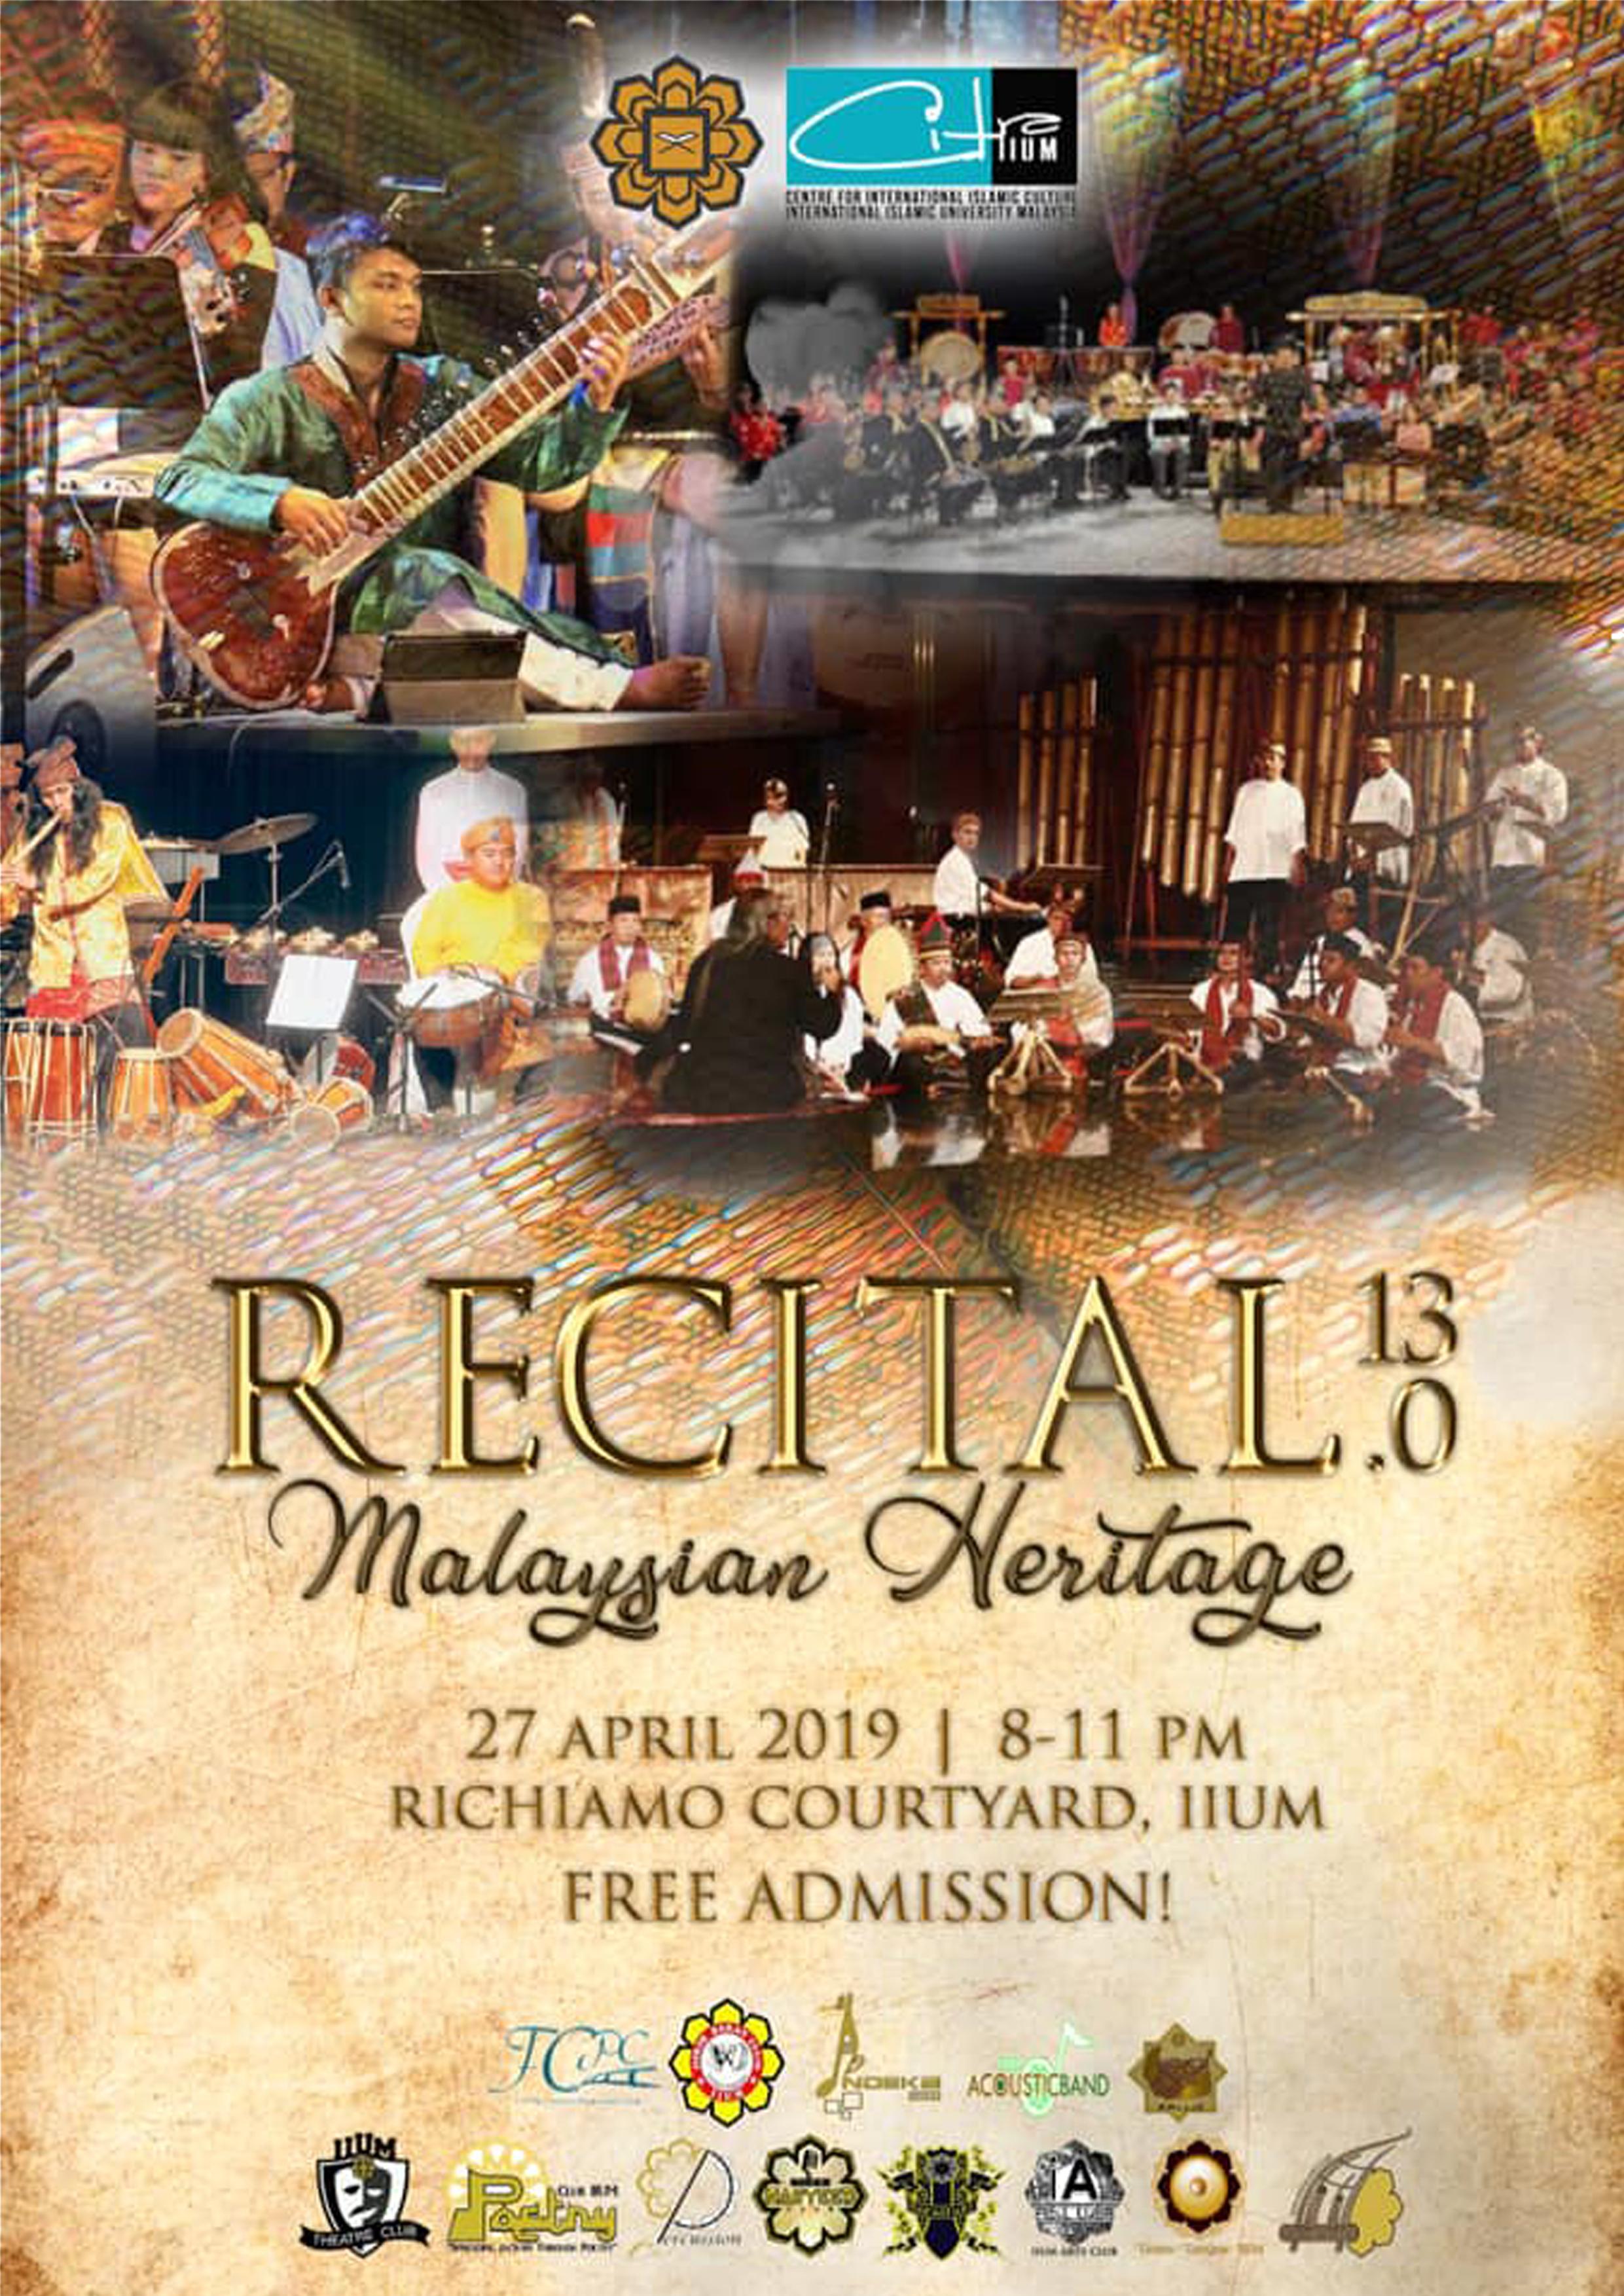 CiTRA Recital 13.0